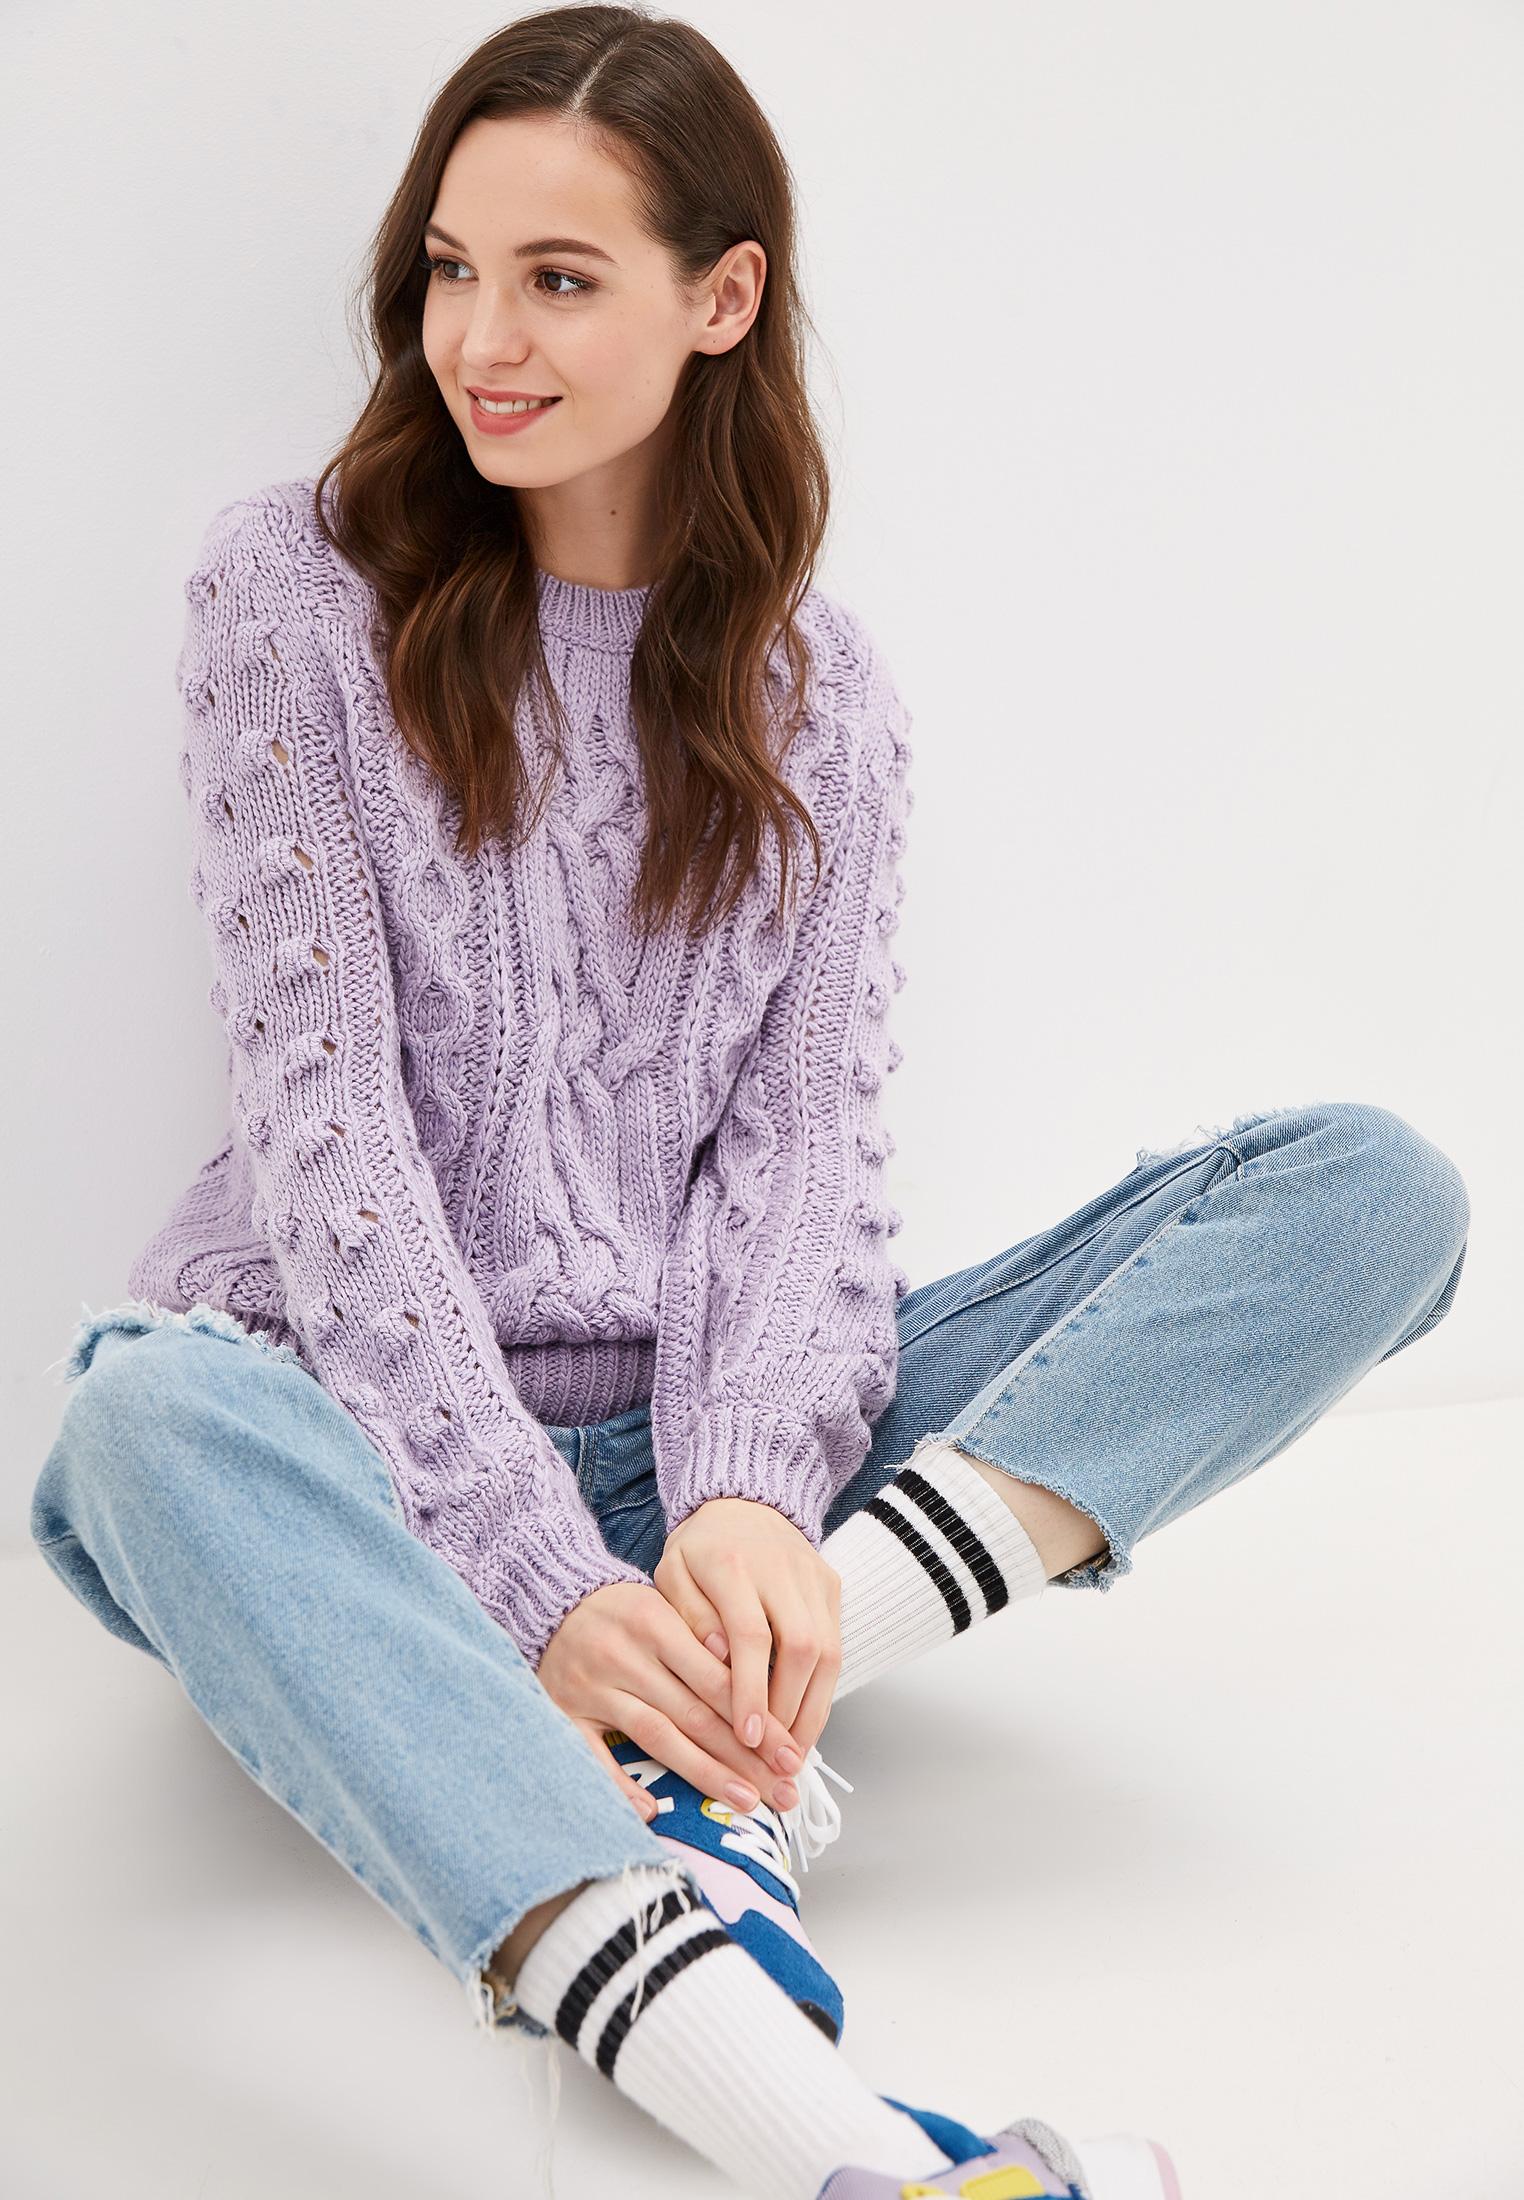 Джемпер, Baon, цвет: фиолетовый. Артикул: BA007EWFZFA2. Одежда / Джемперы, свитеры и кардиганы